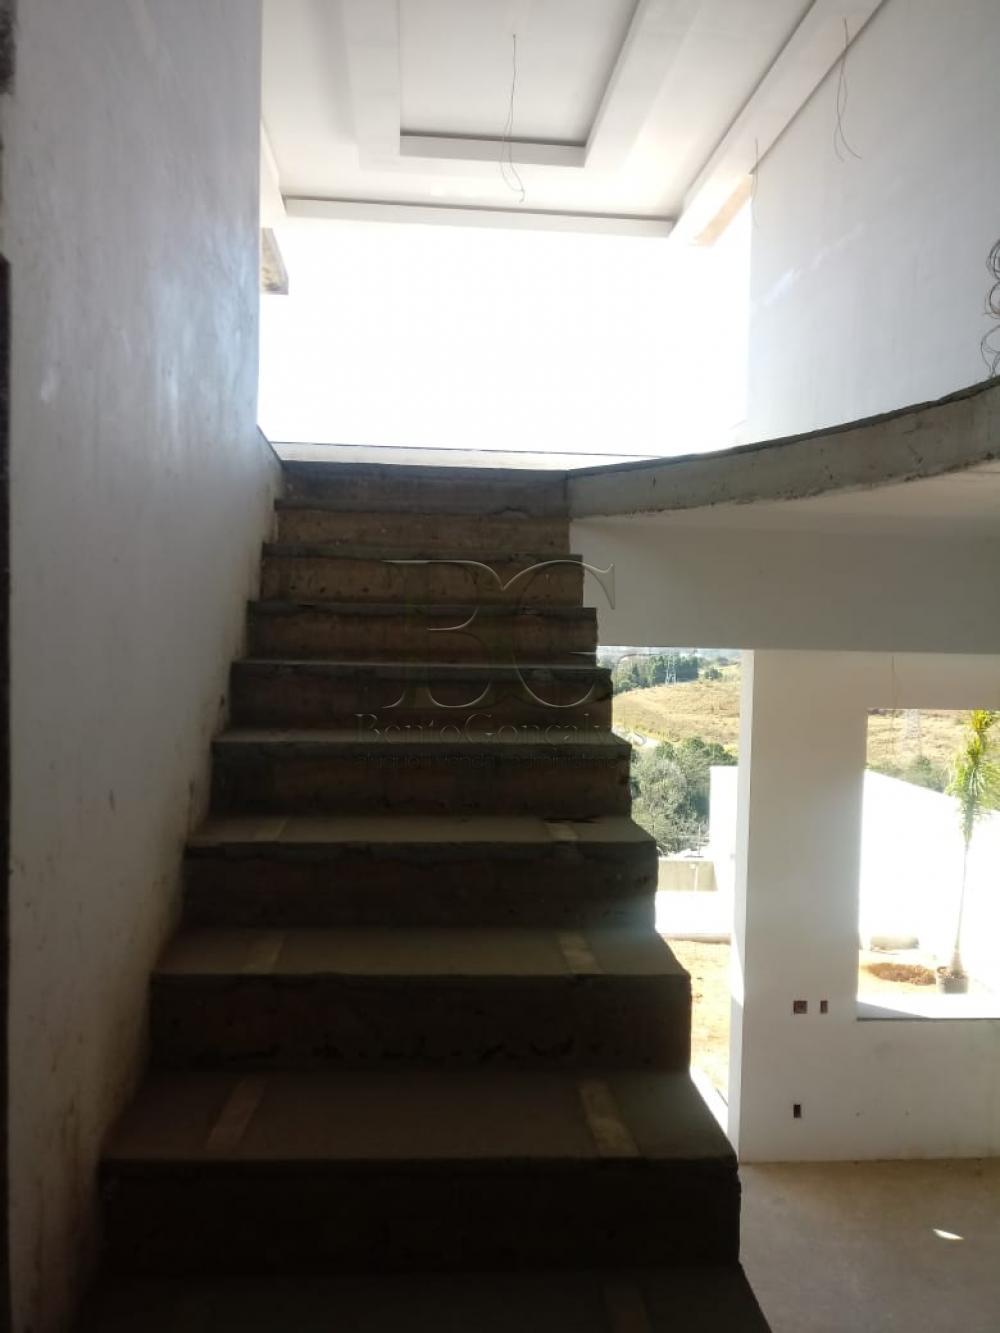 Comprar Casas / Padrão em Poços de Caldas apenas R$ 1.500.000,00 - Foto 24